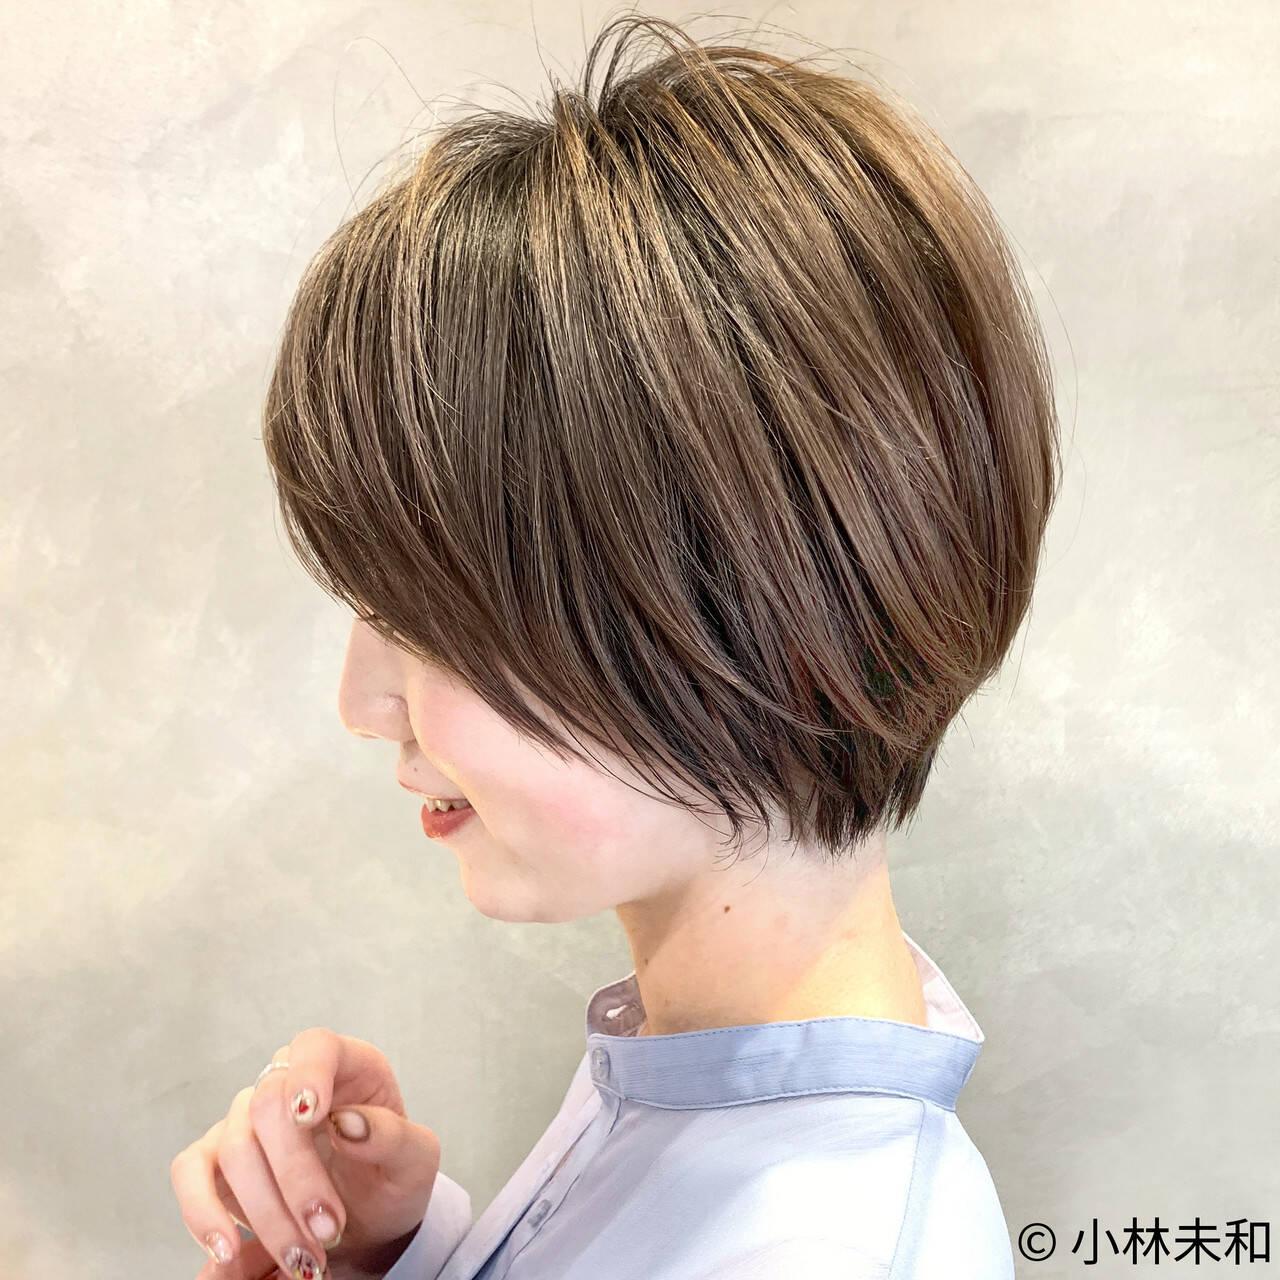 ショートヘア ナチュラル ショートボブ モカベージュヘアスタイルや髪型の写真・画像